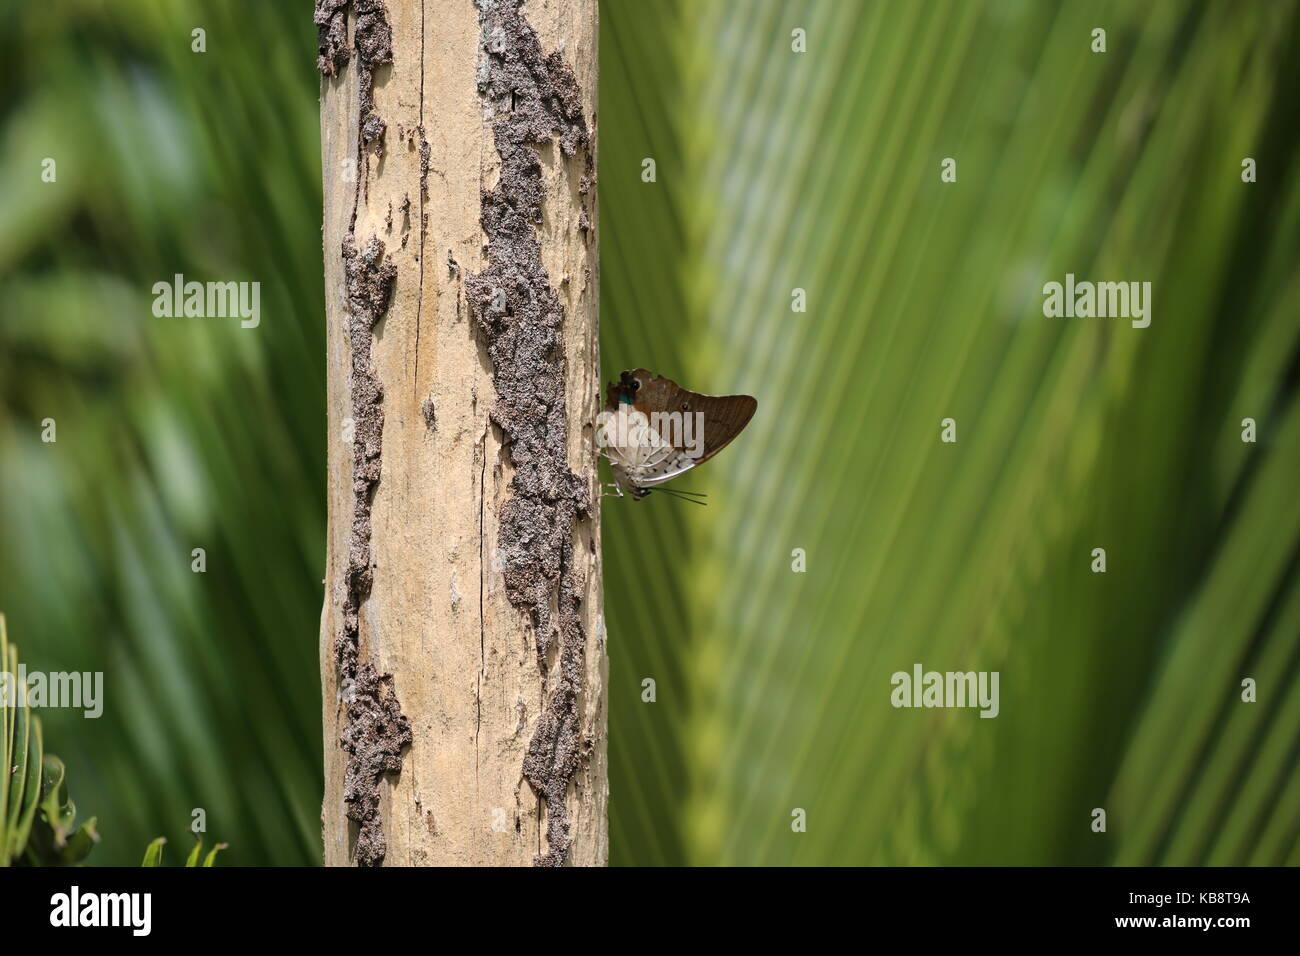 Schmetterling auf Baumstamm mit grünem Hintergrund - Butterfly on tree trunk with green background - Stock Image